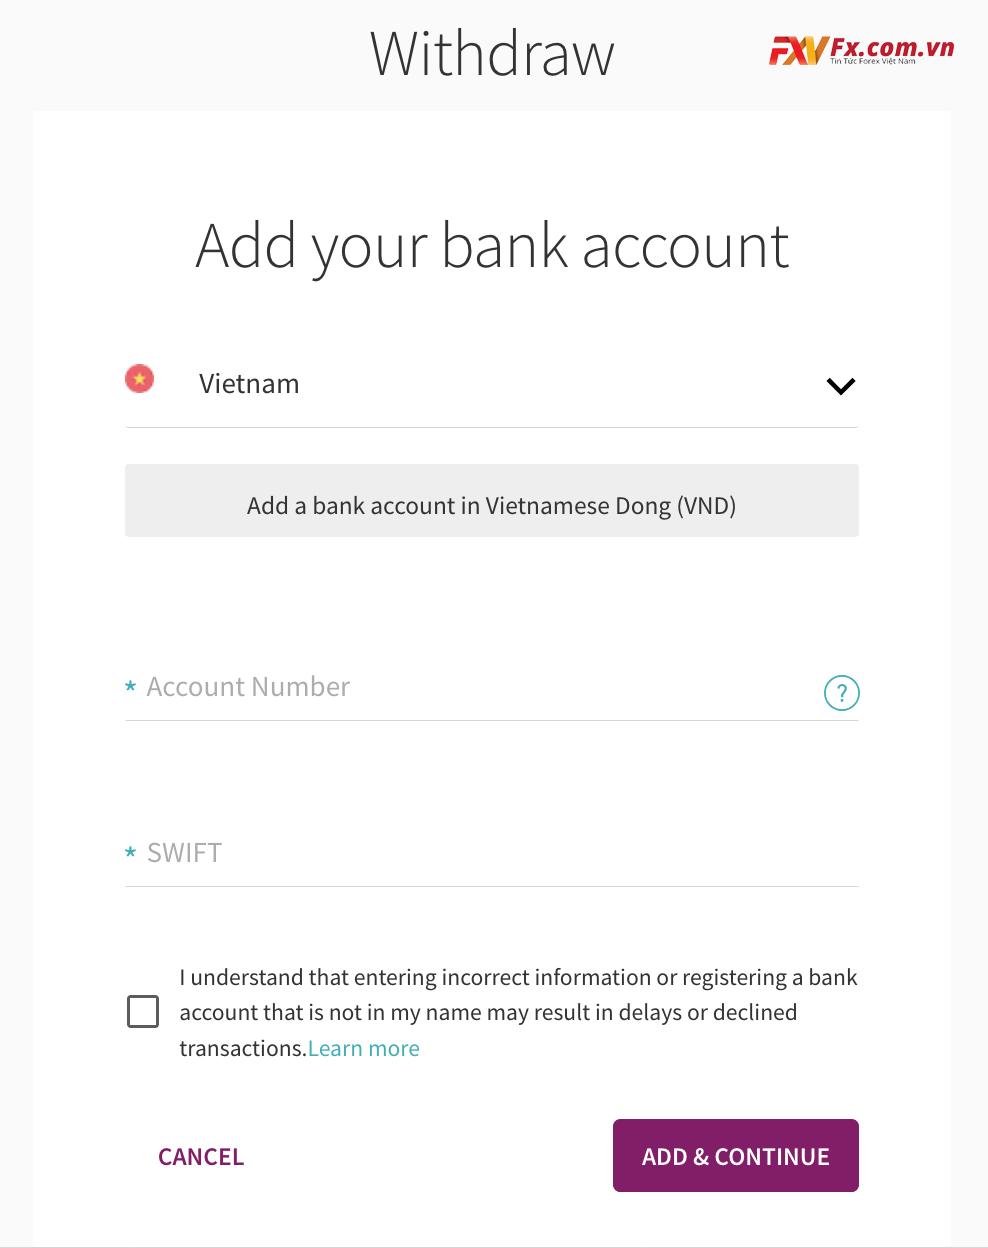 Điền số tài khoản ngân hàng của bạn